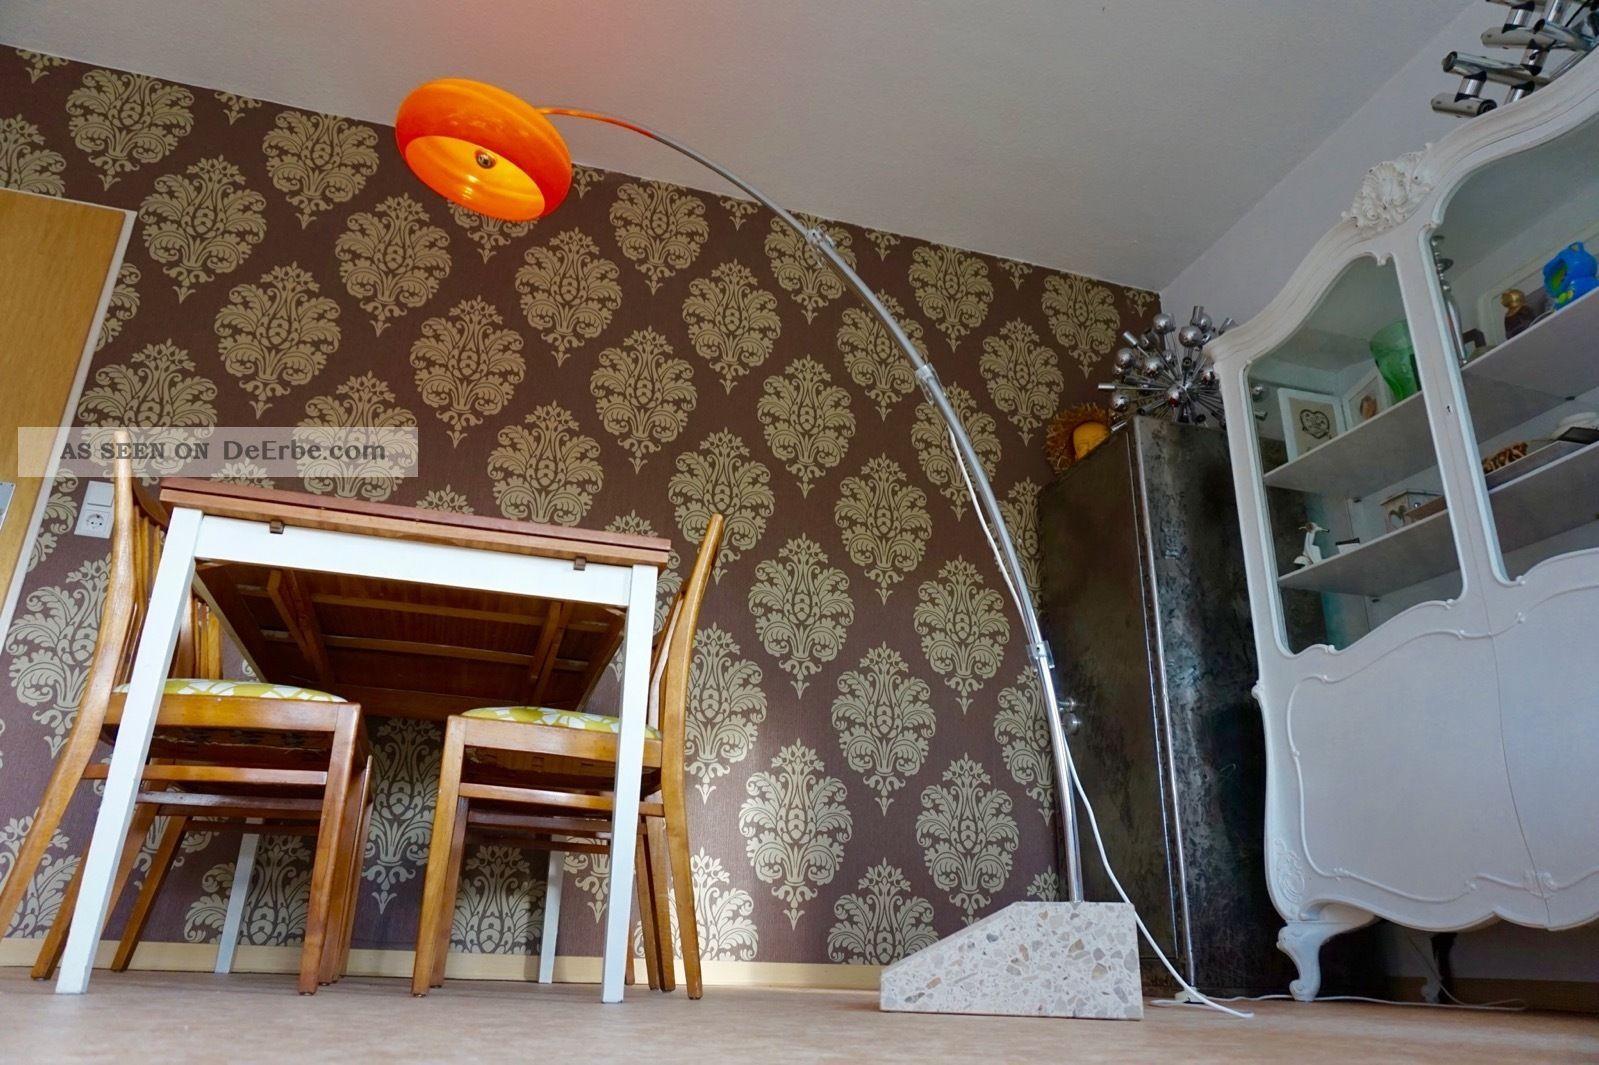 Vintage Bogenlampe Hustadt Stehlampe Leuchte Chrom Design Lampe